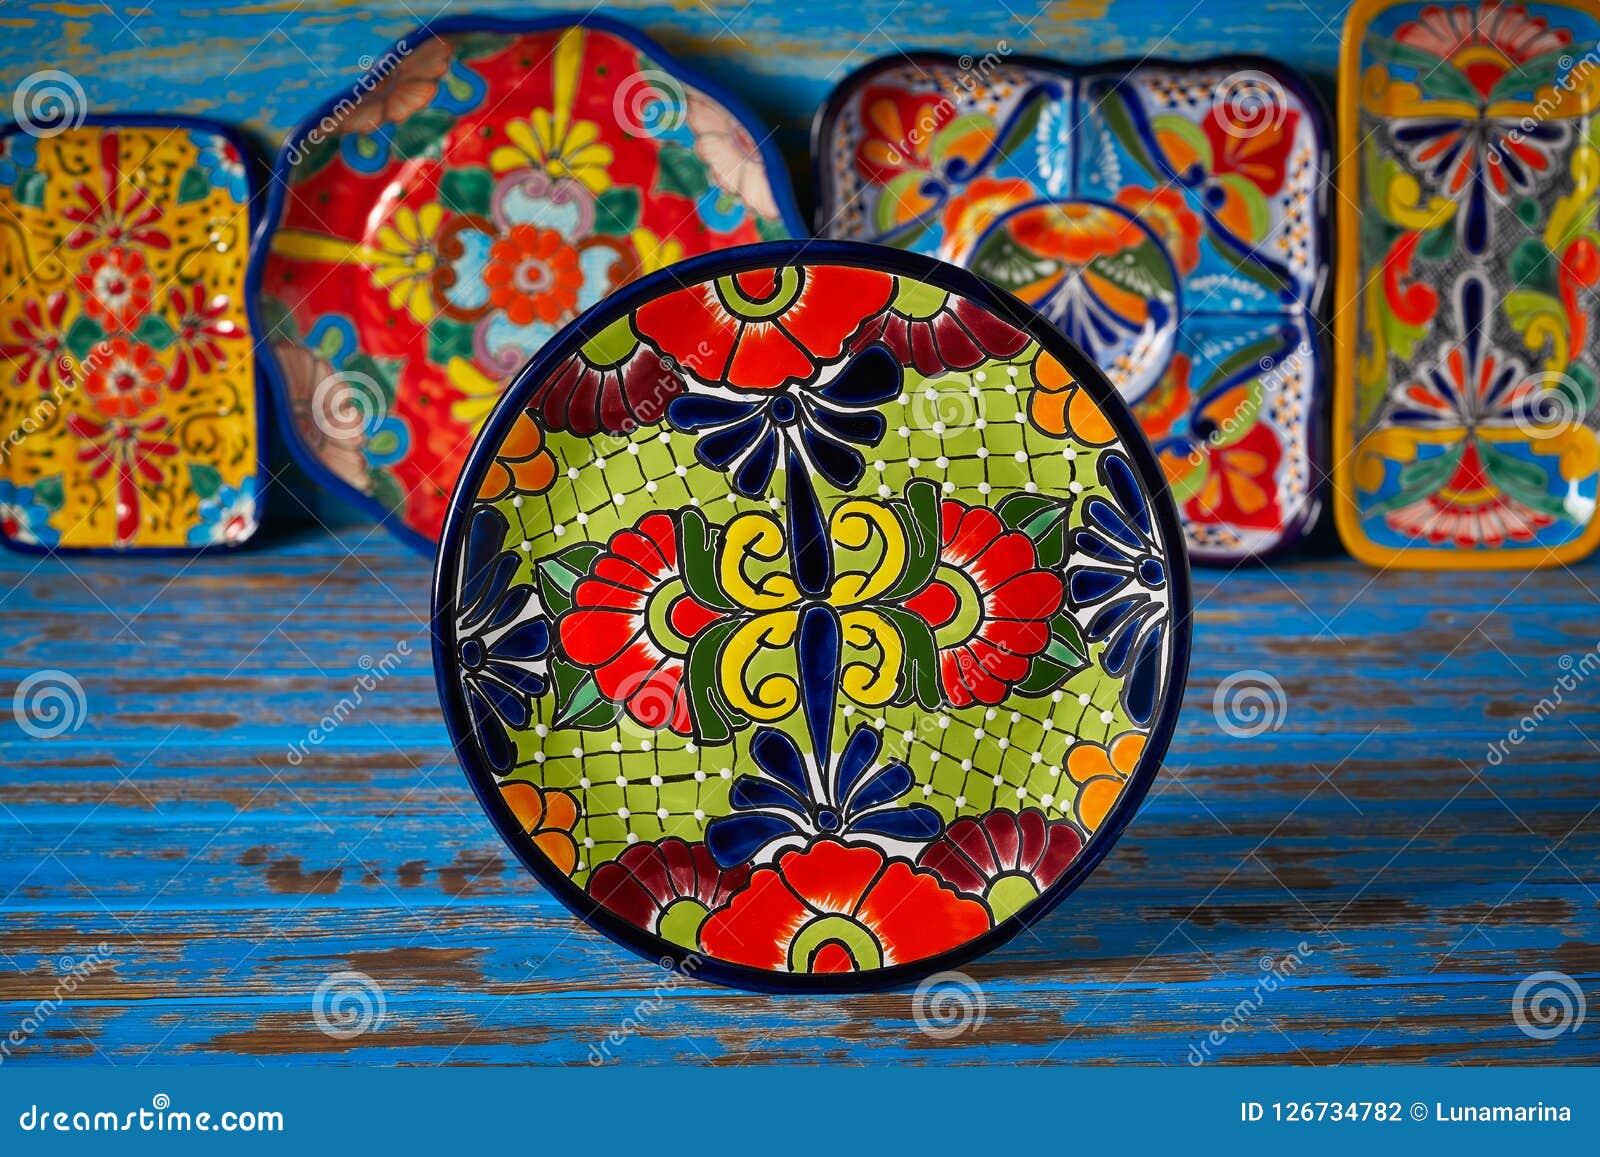 Estilo mexicano de Talavera de la cerámica de México